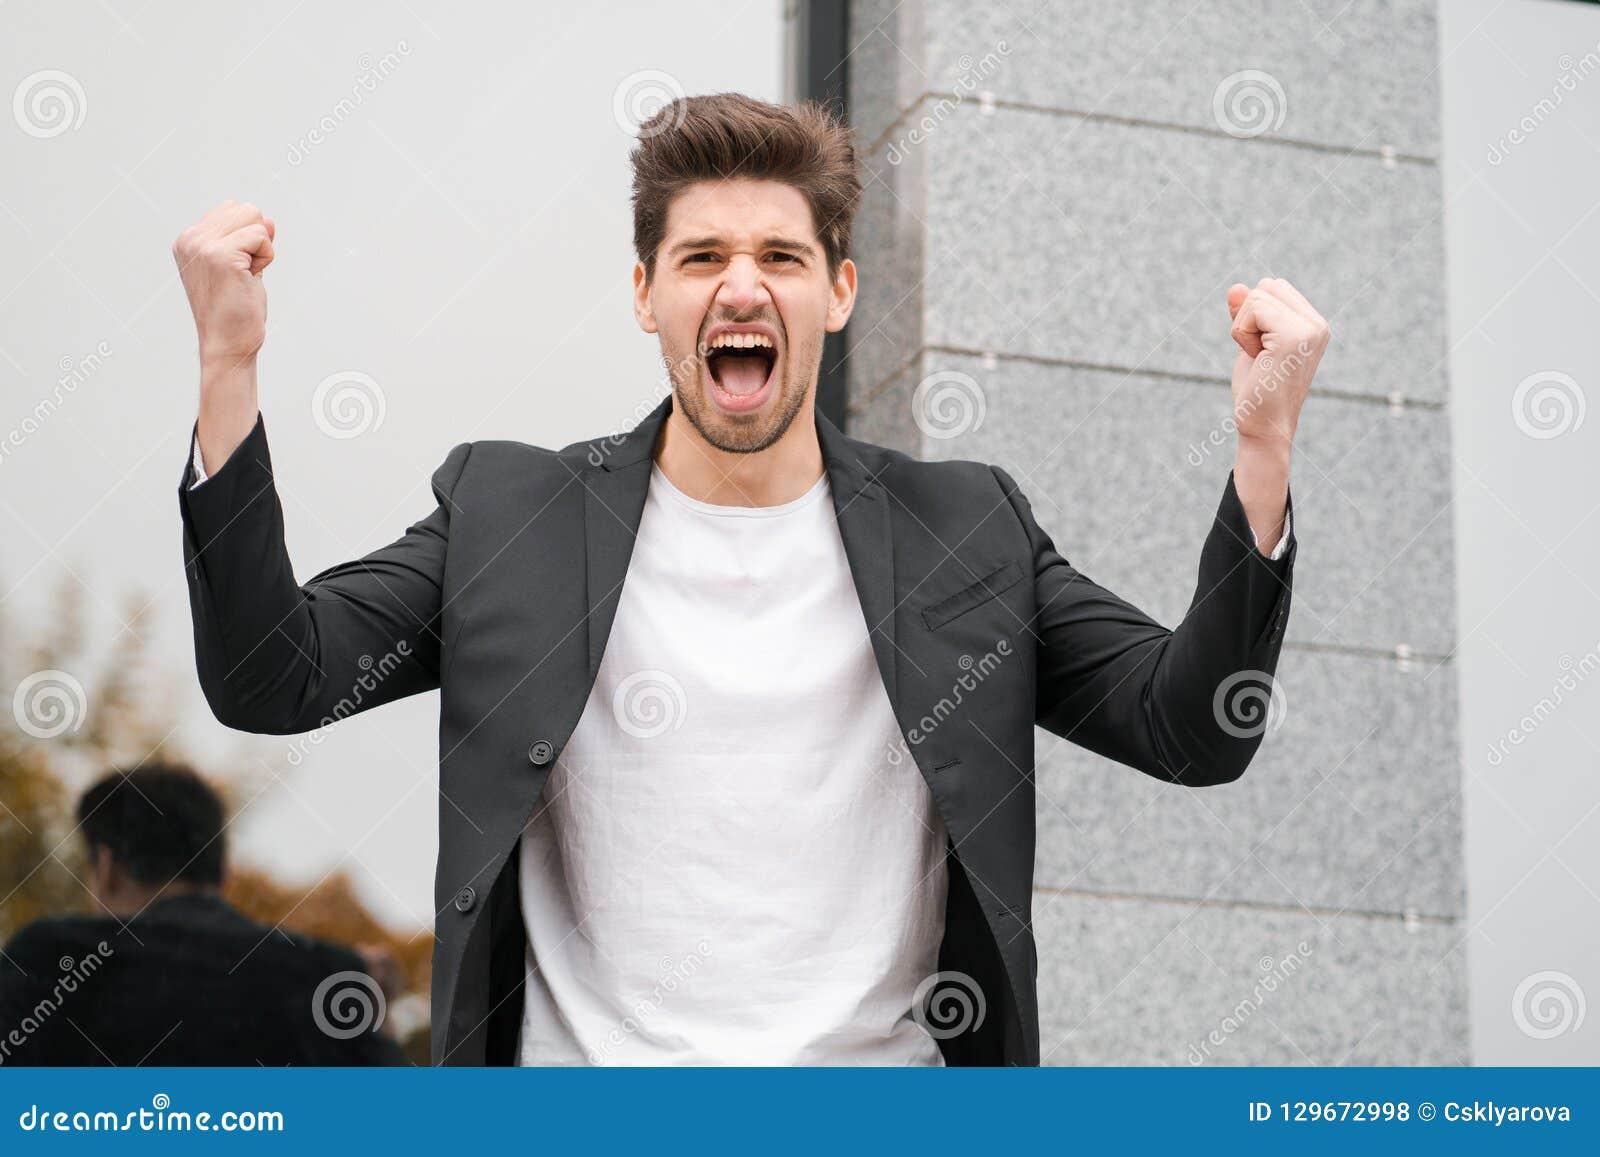 Retrato do homem de negócios furioso irritado, tendo a divisão nervosa no trabalho, gritando na raiva, gestão de tensão, mental